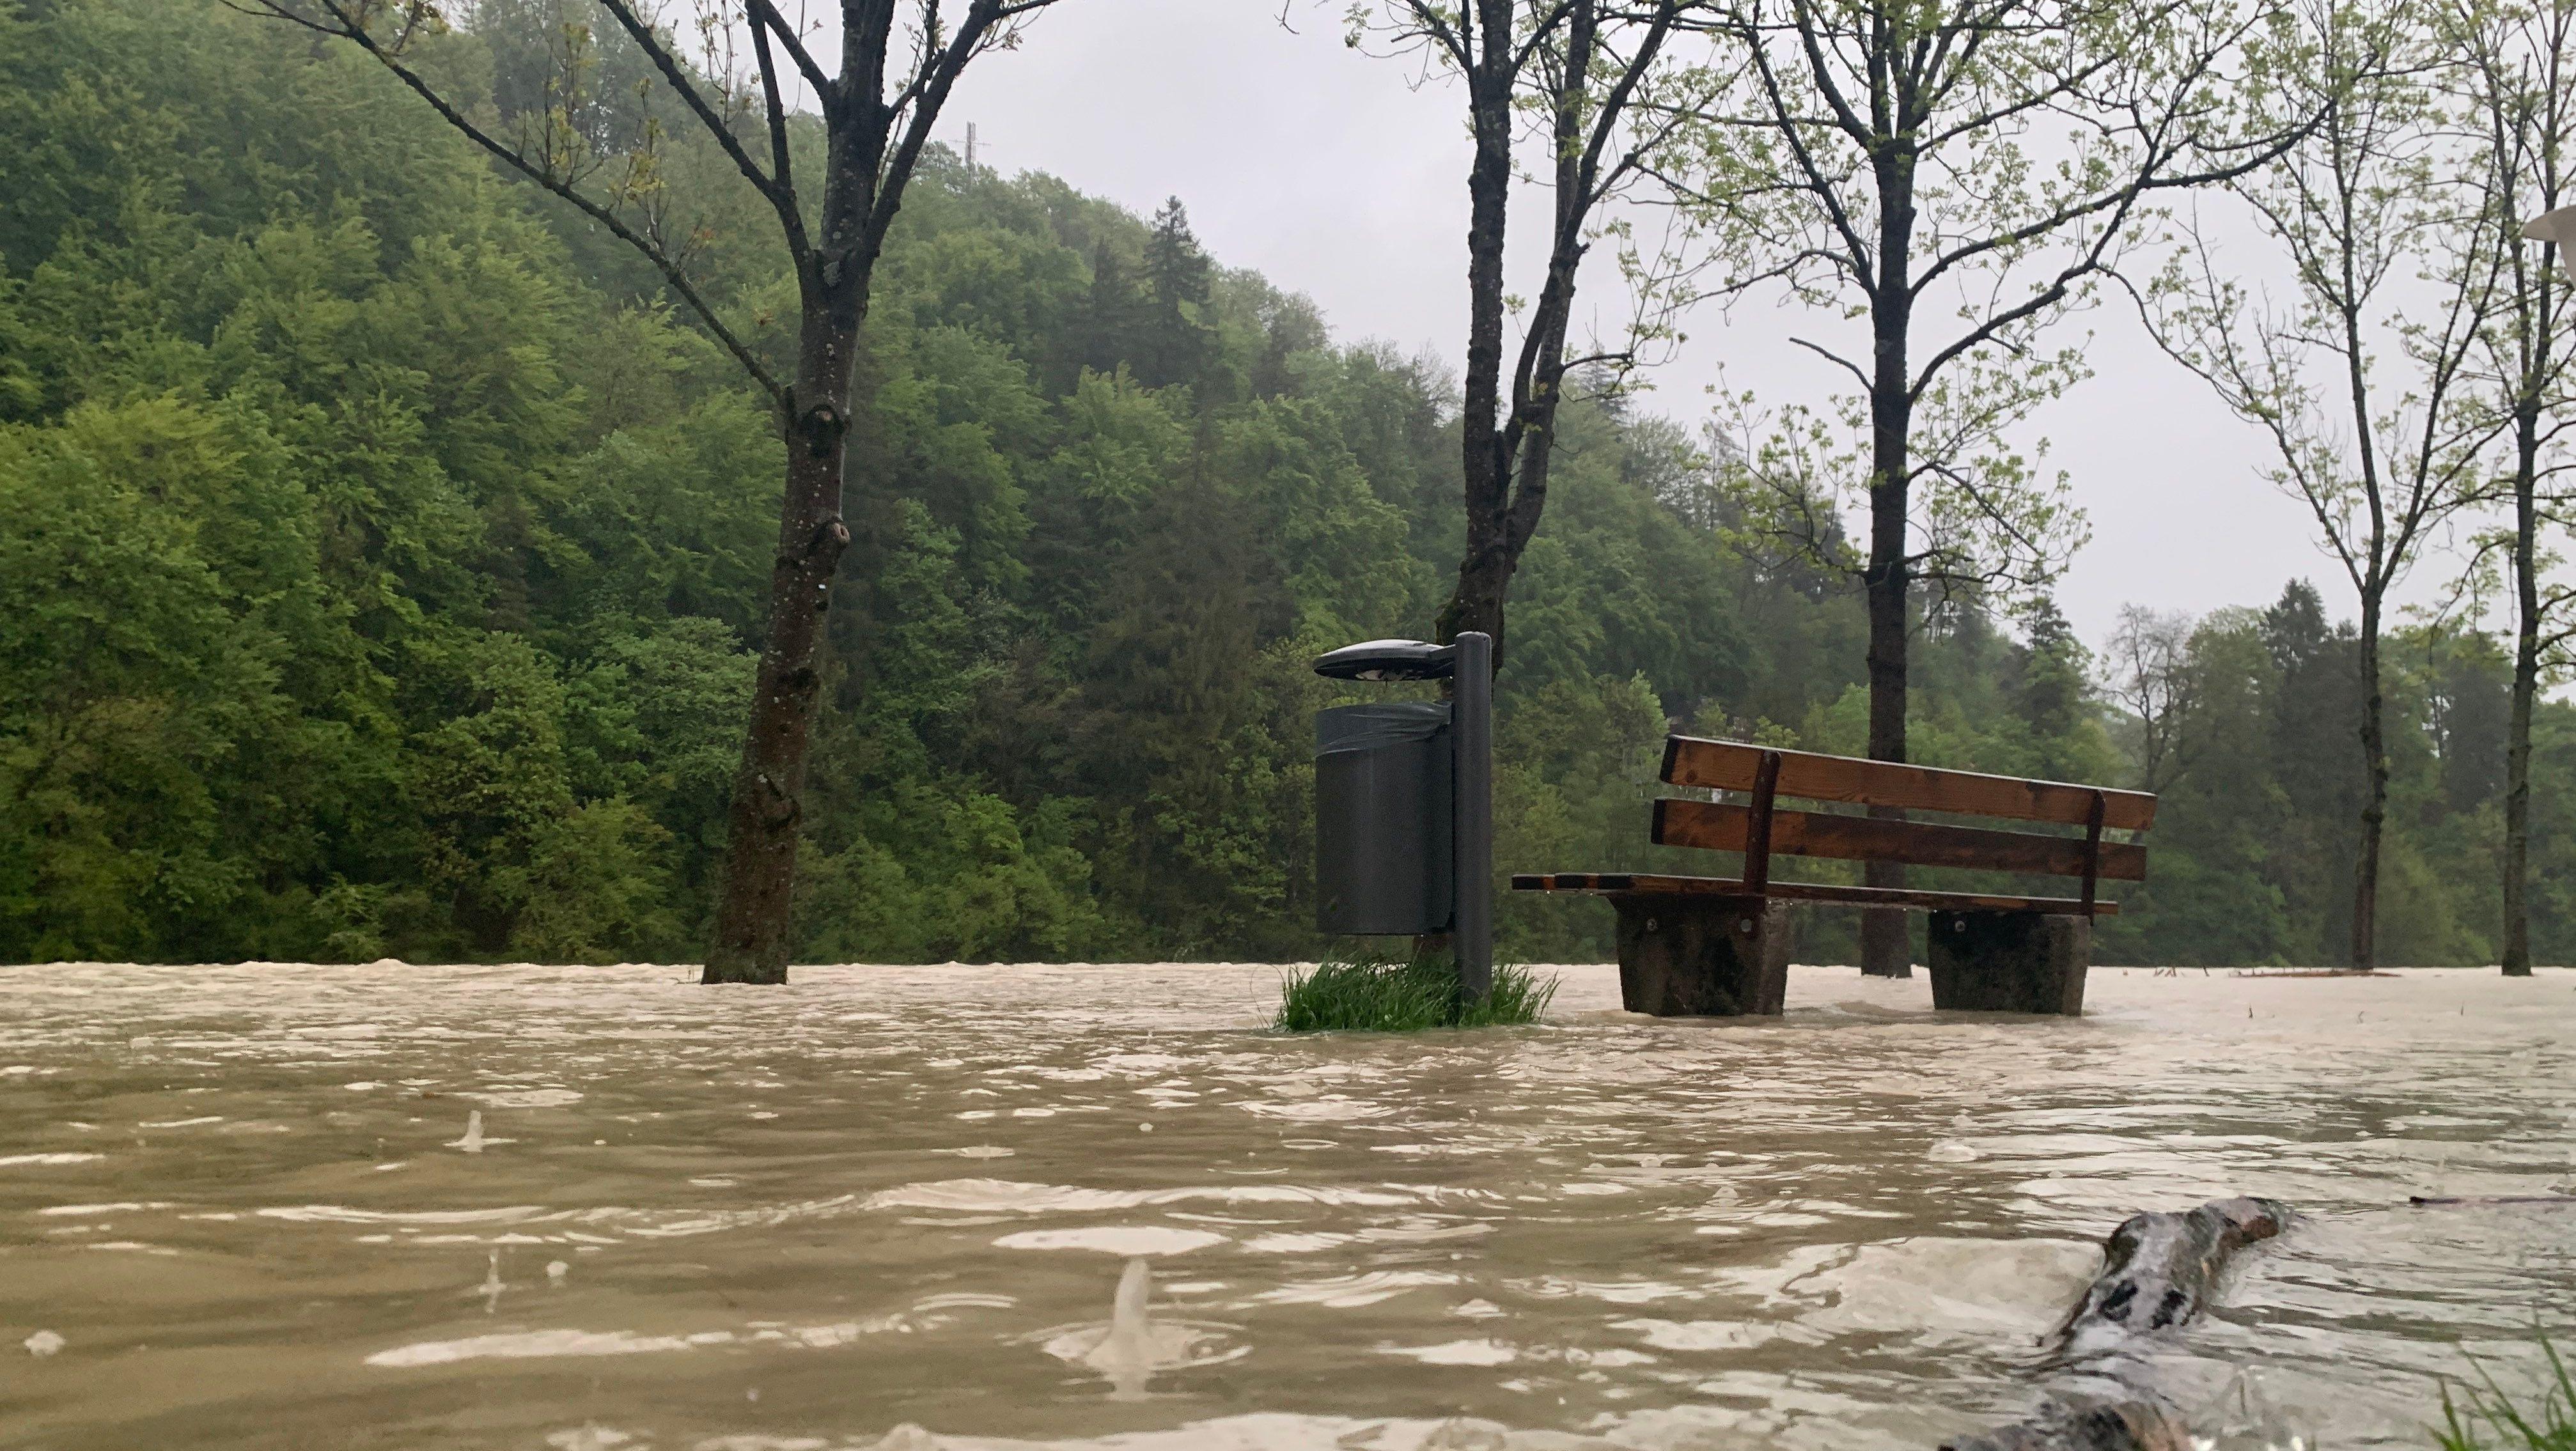 Überfluteter Fußweg mit Parkbank in Bad Tölz